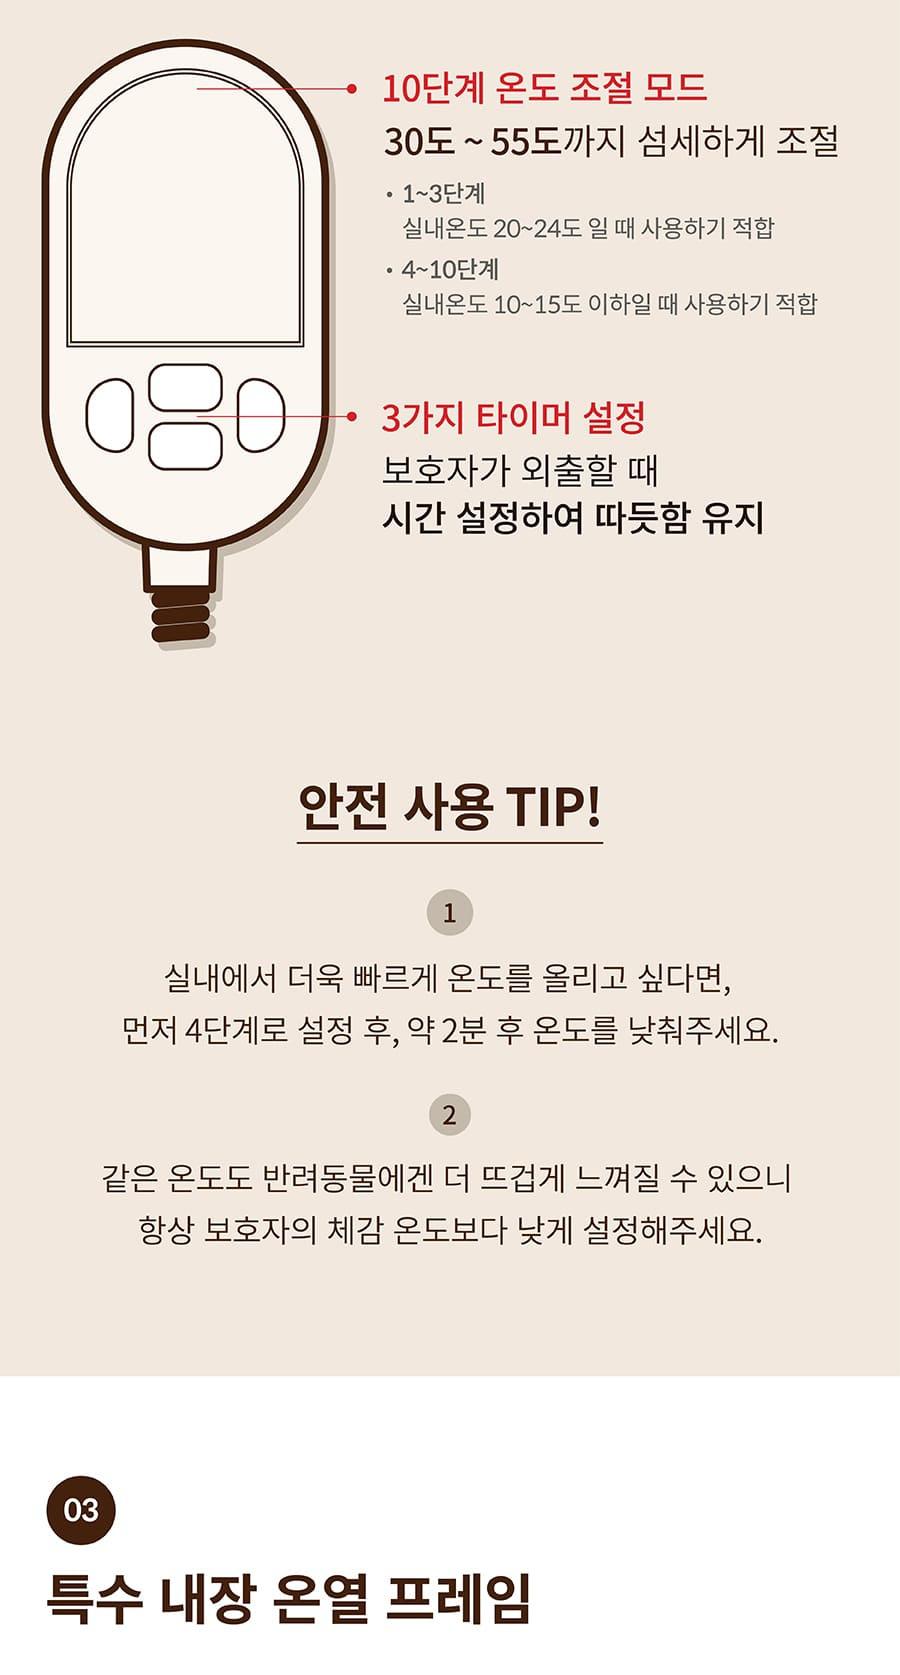 스토브 따닷 히팅매트 (웜베이지/쿨그레이)-상품이미지-13